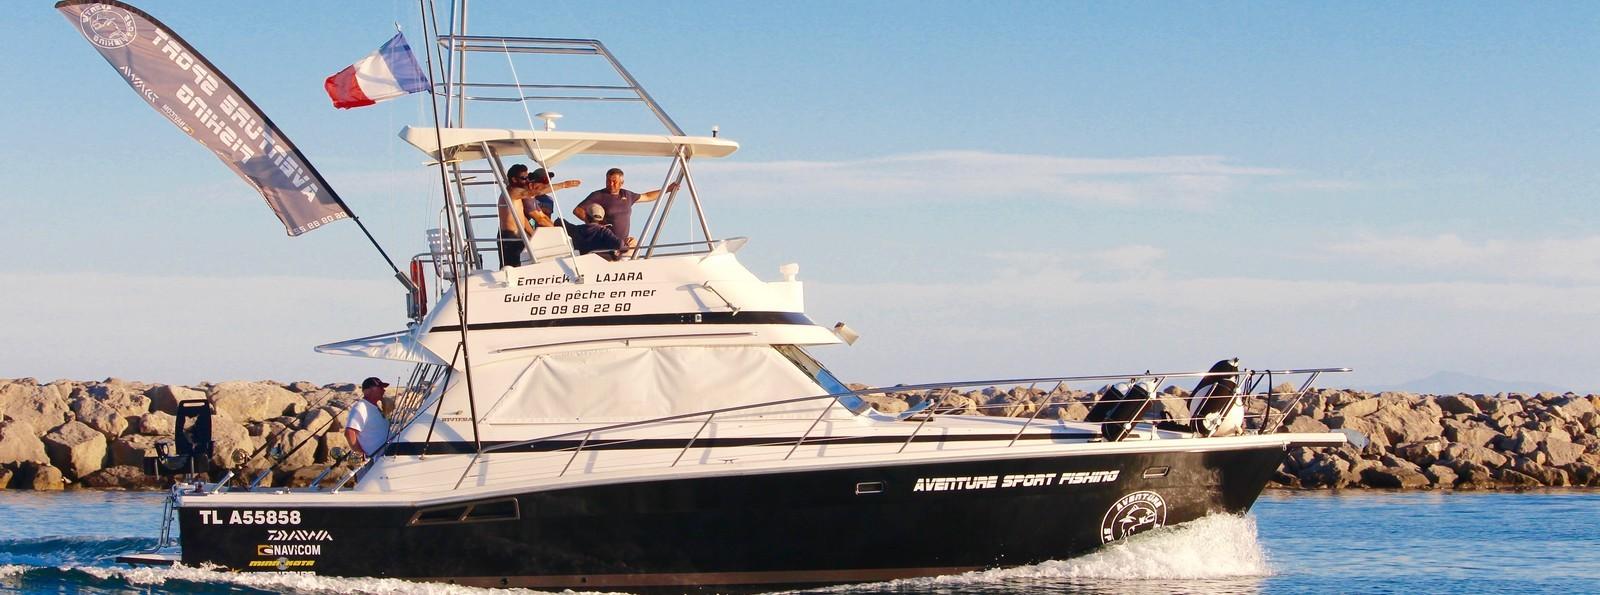 Aventure Sport Fishing